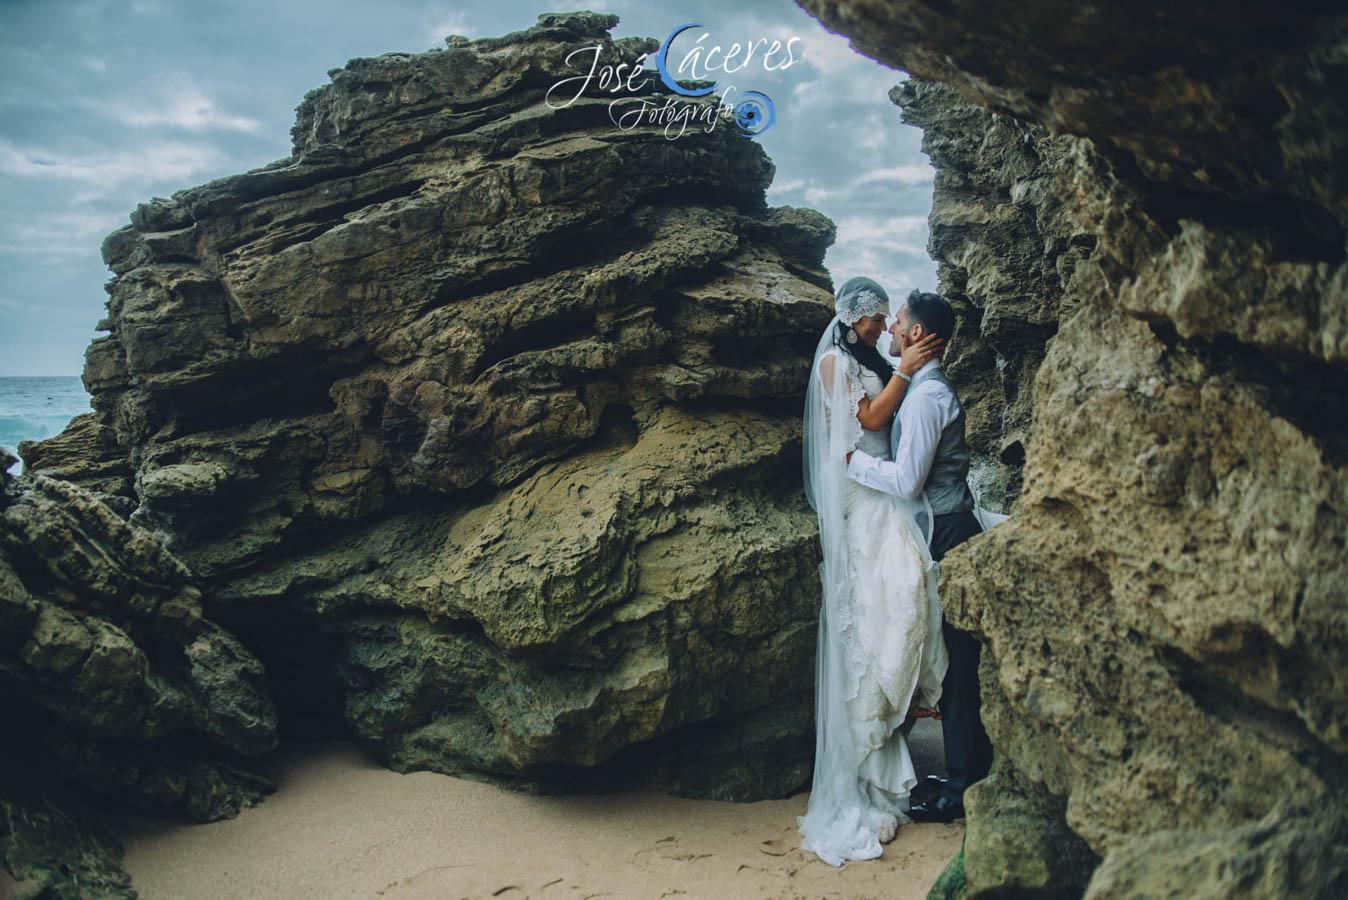 Sesion fotografica de jose caceres fotografia, post boda leticia y jose luis, playas-23